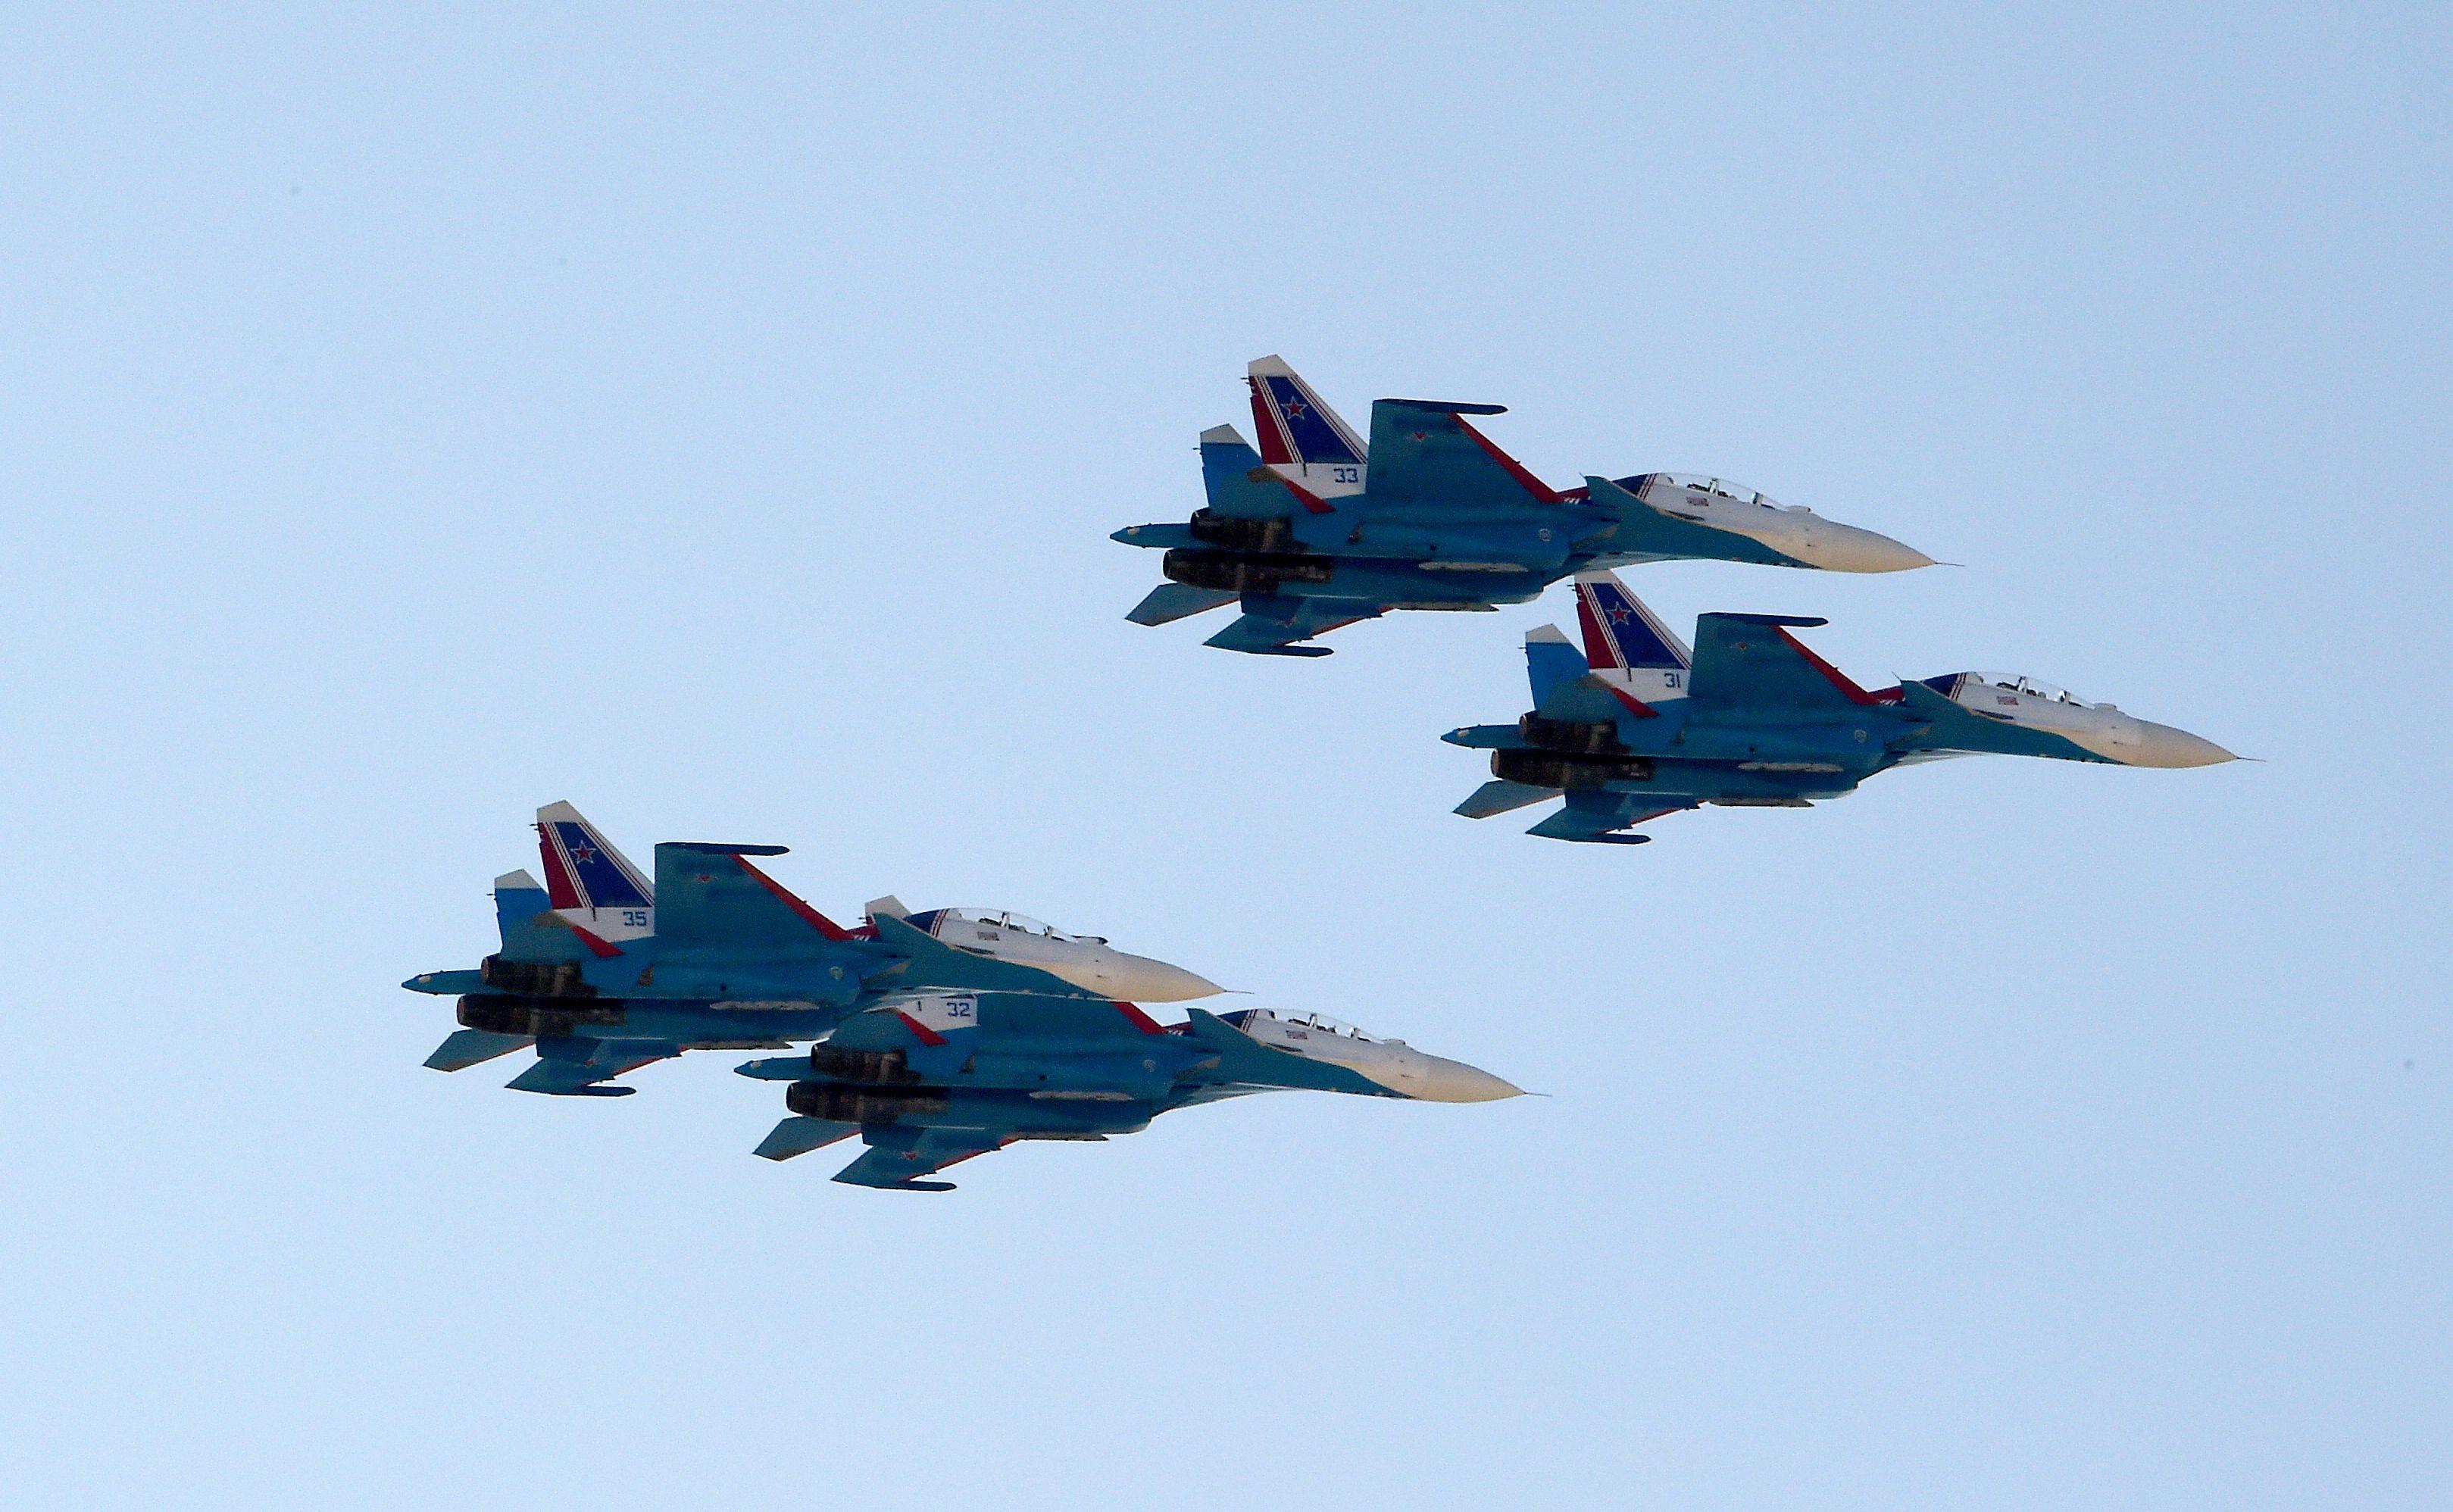 中共稱殲-16上塗料「幾乎隱形」 美媒:誇大